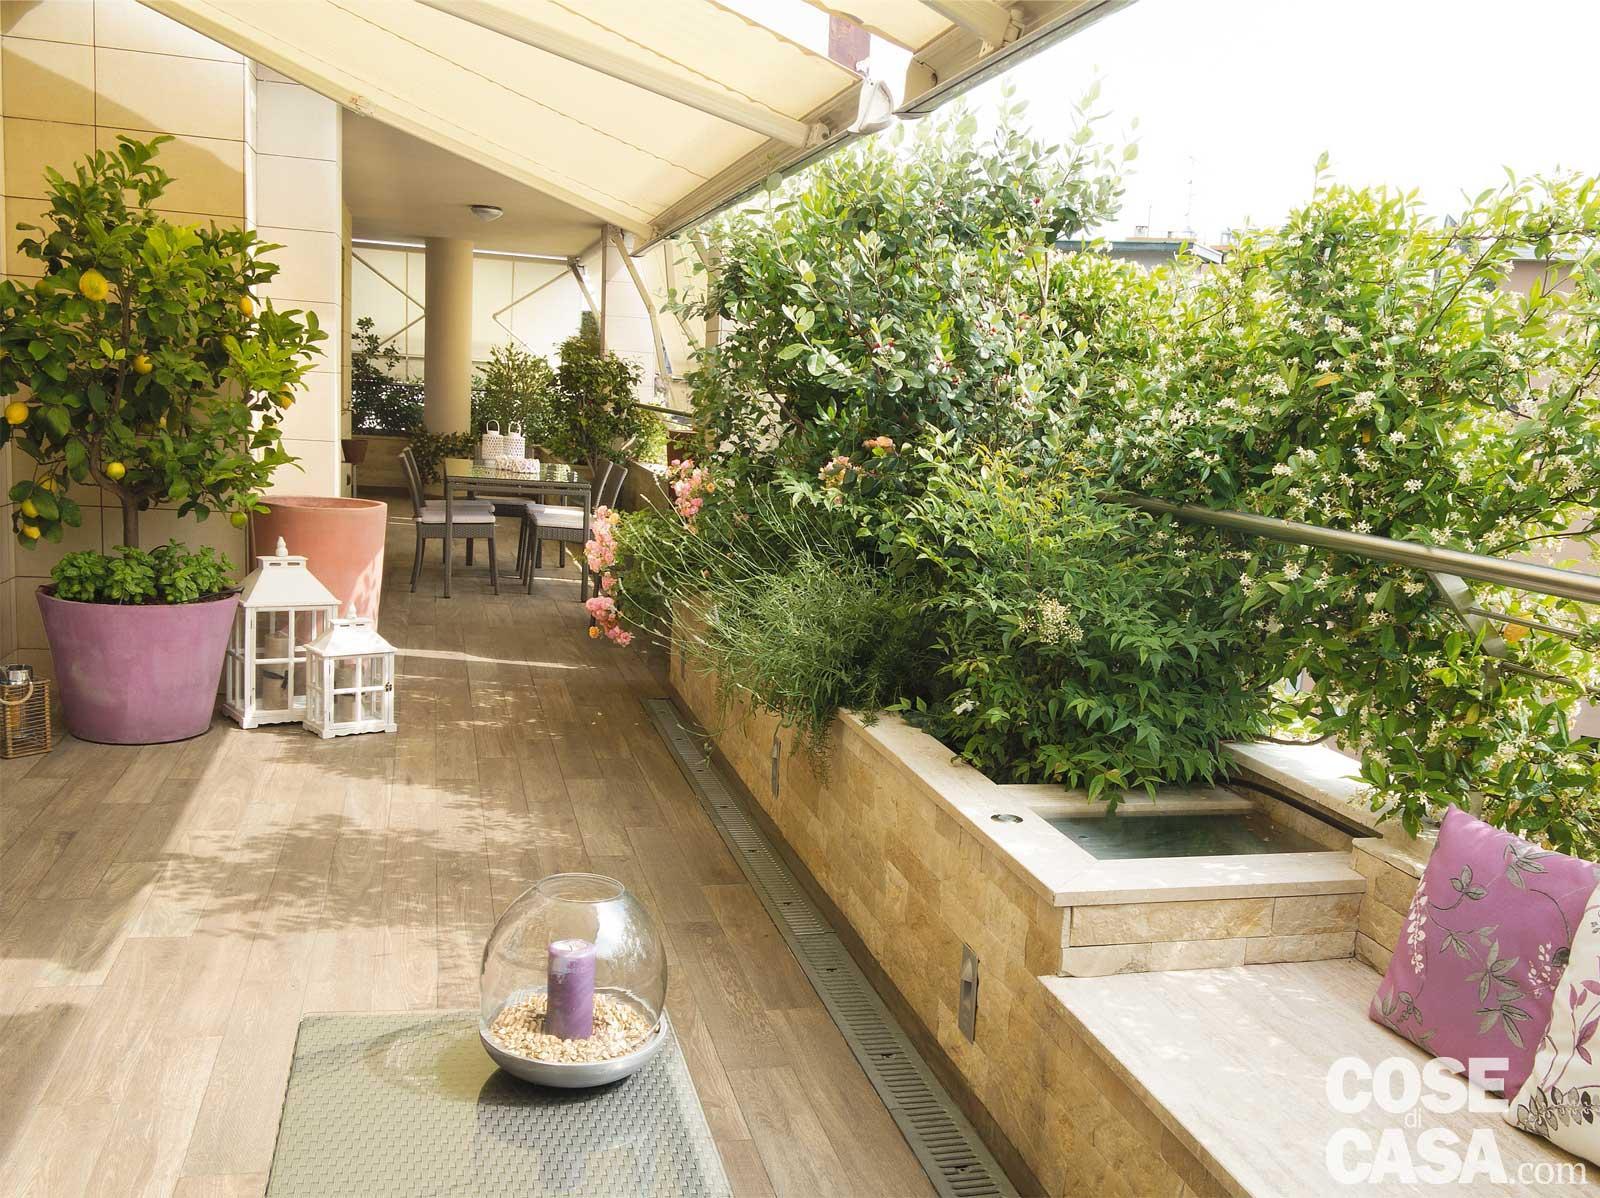 La terrazza diventa living arredare anche con le piante for Giardino in terrazza